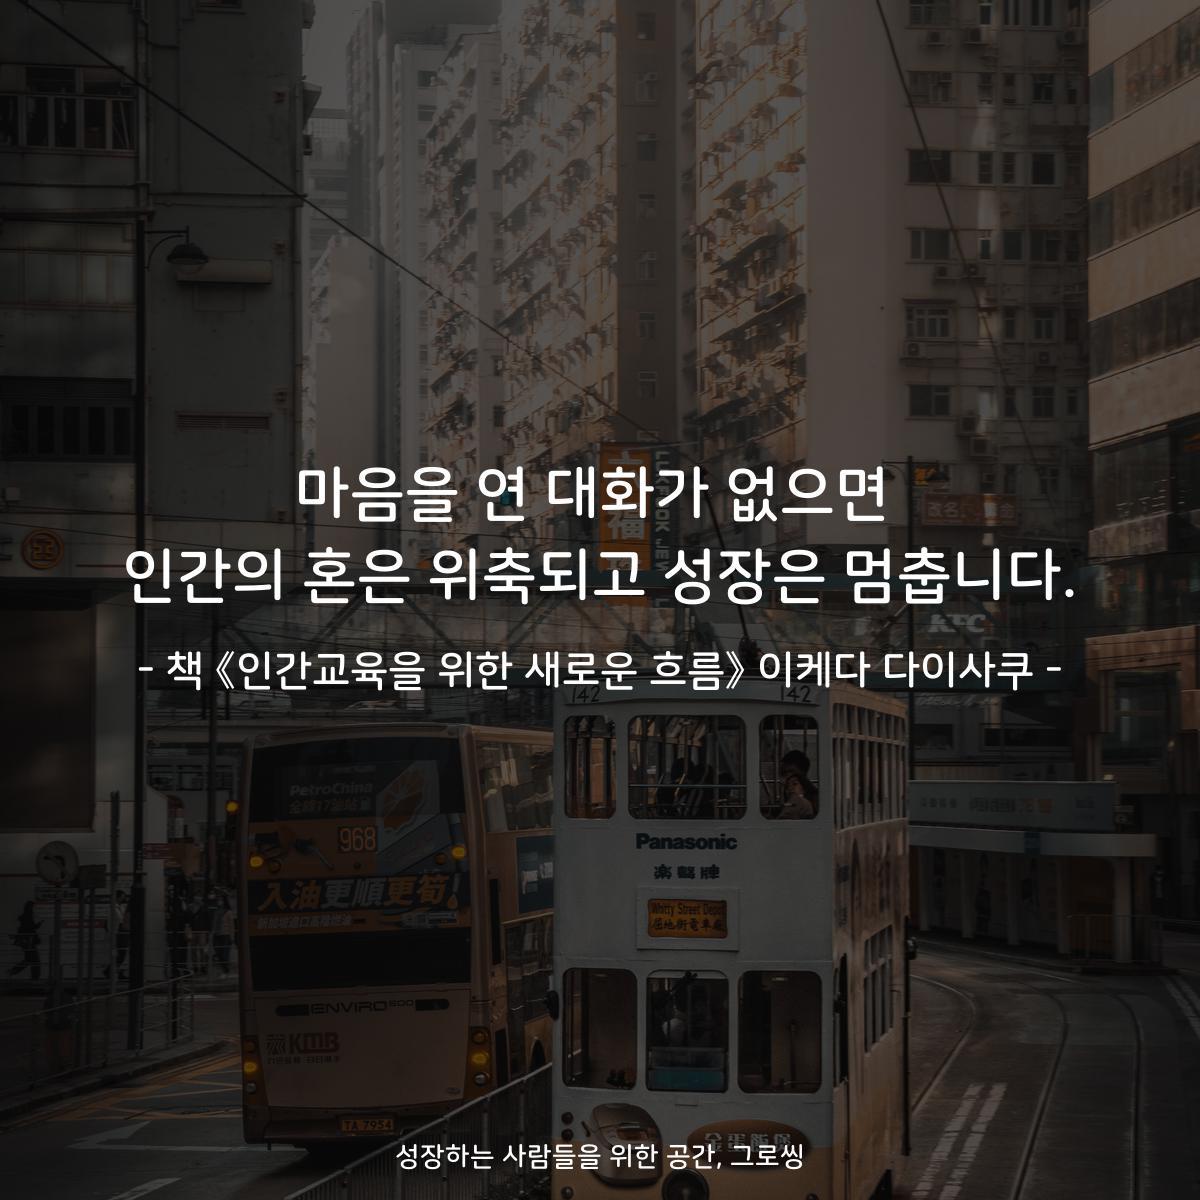 마음을 연 대화가 없으면 인간의 혼은 위축되고 성장은 멈춥니다.